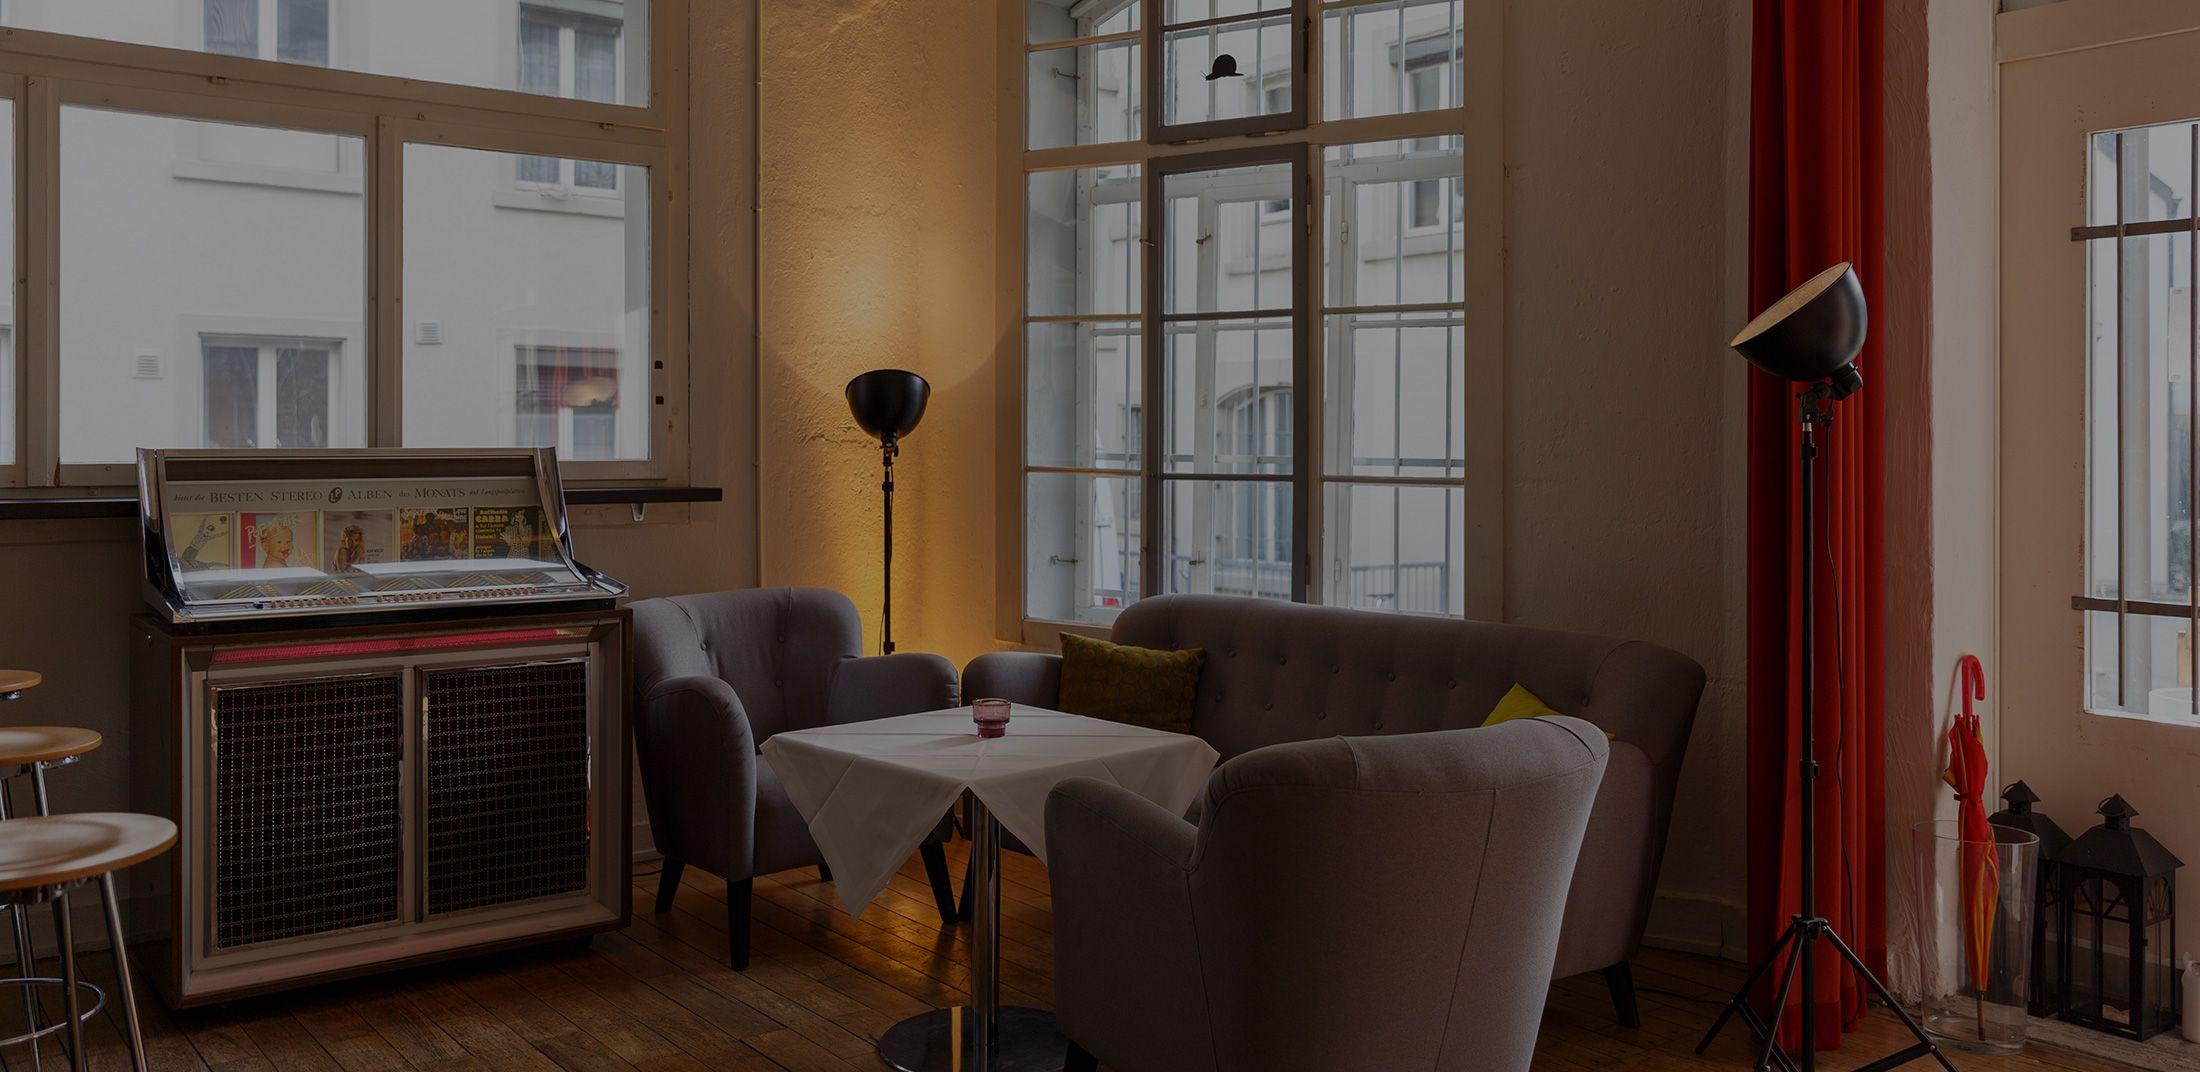 Wohnzimmermöbel Design nett wohnzimmermöbel ta fl bilder wohnzimmer design ideen